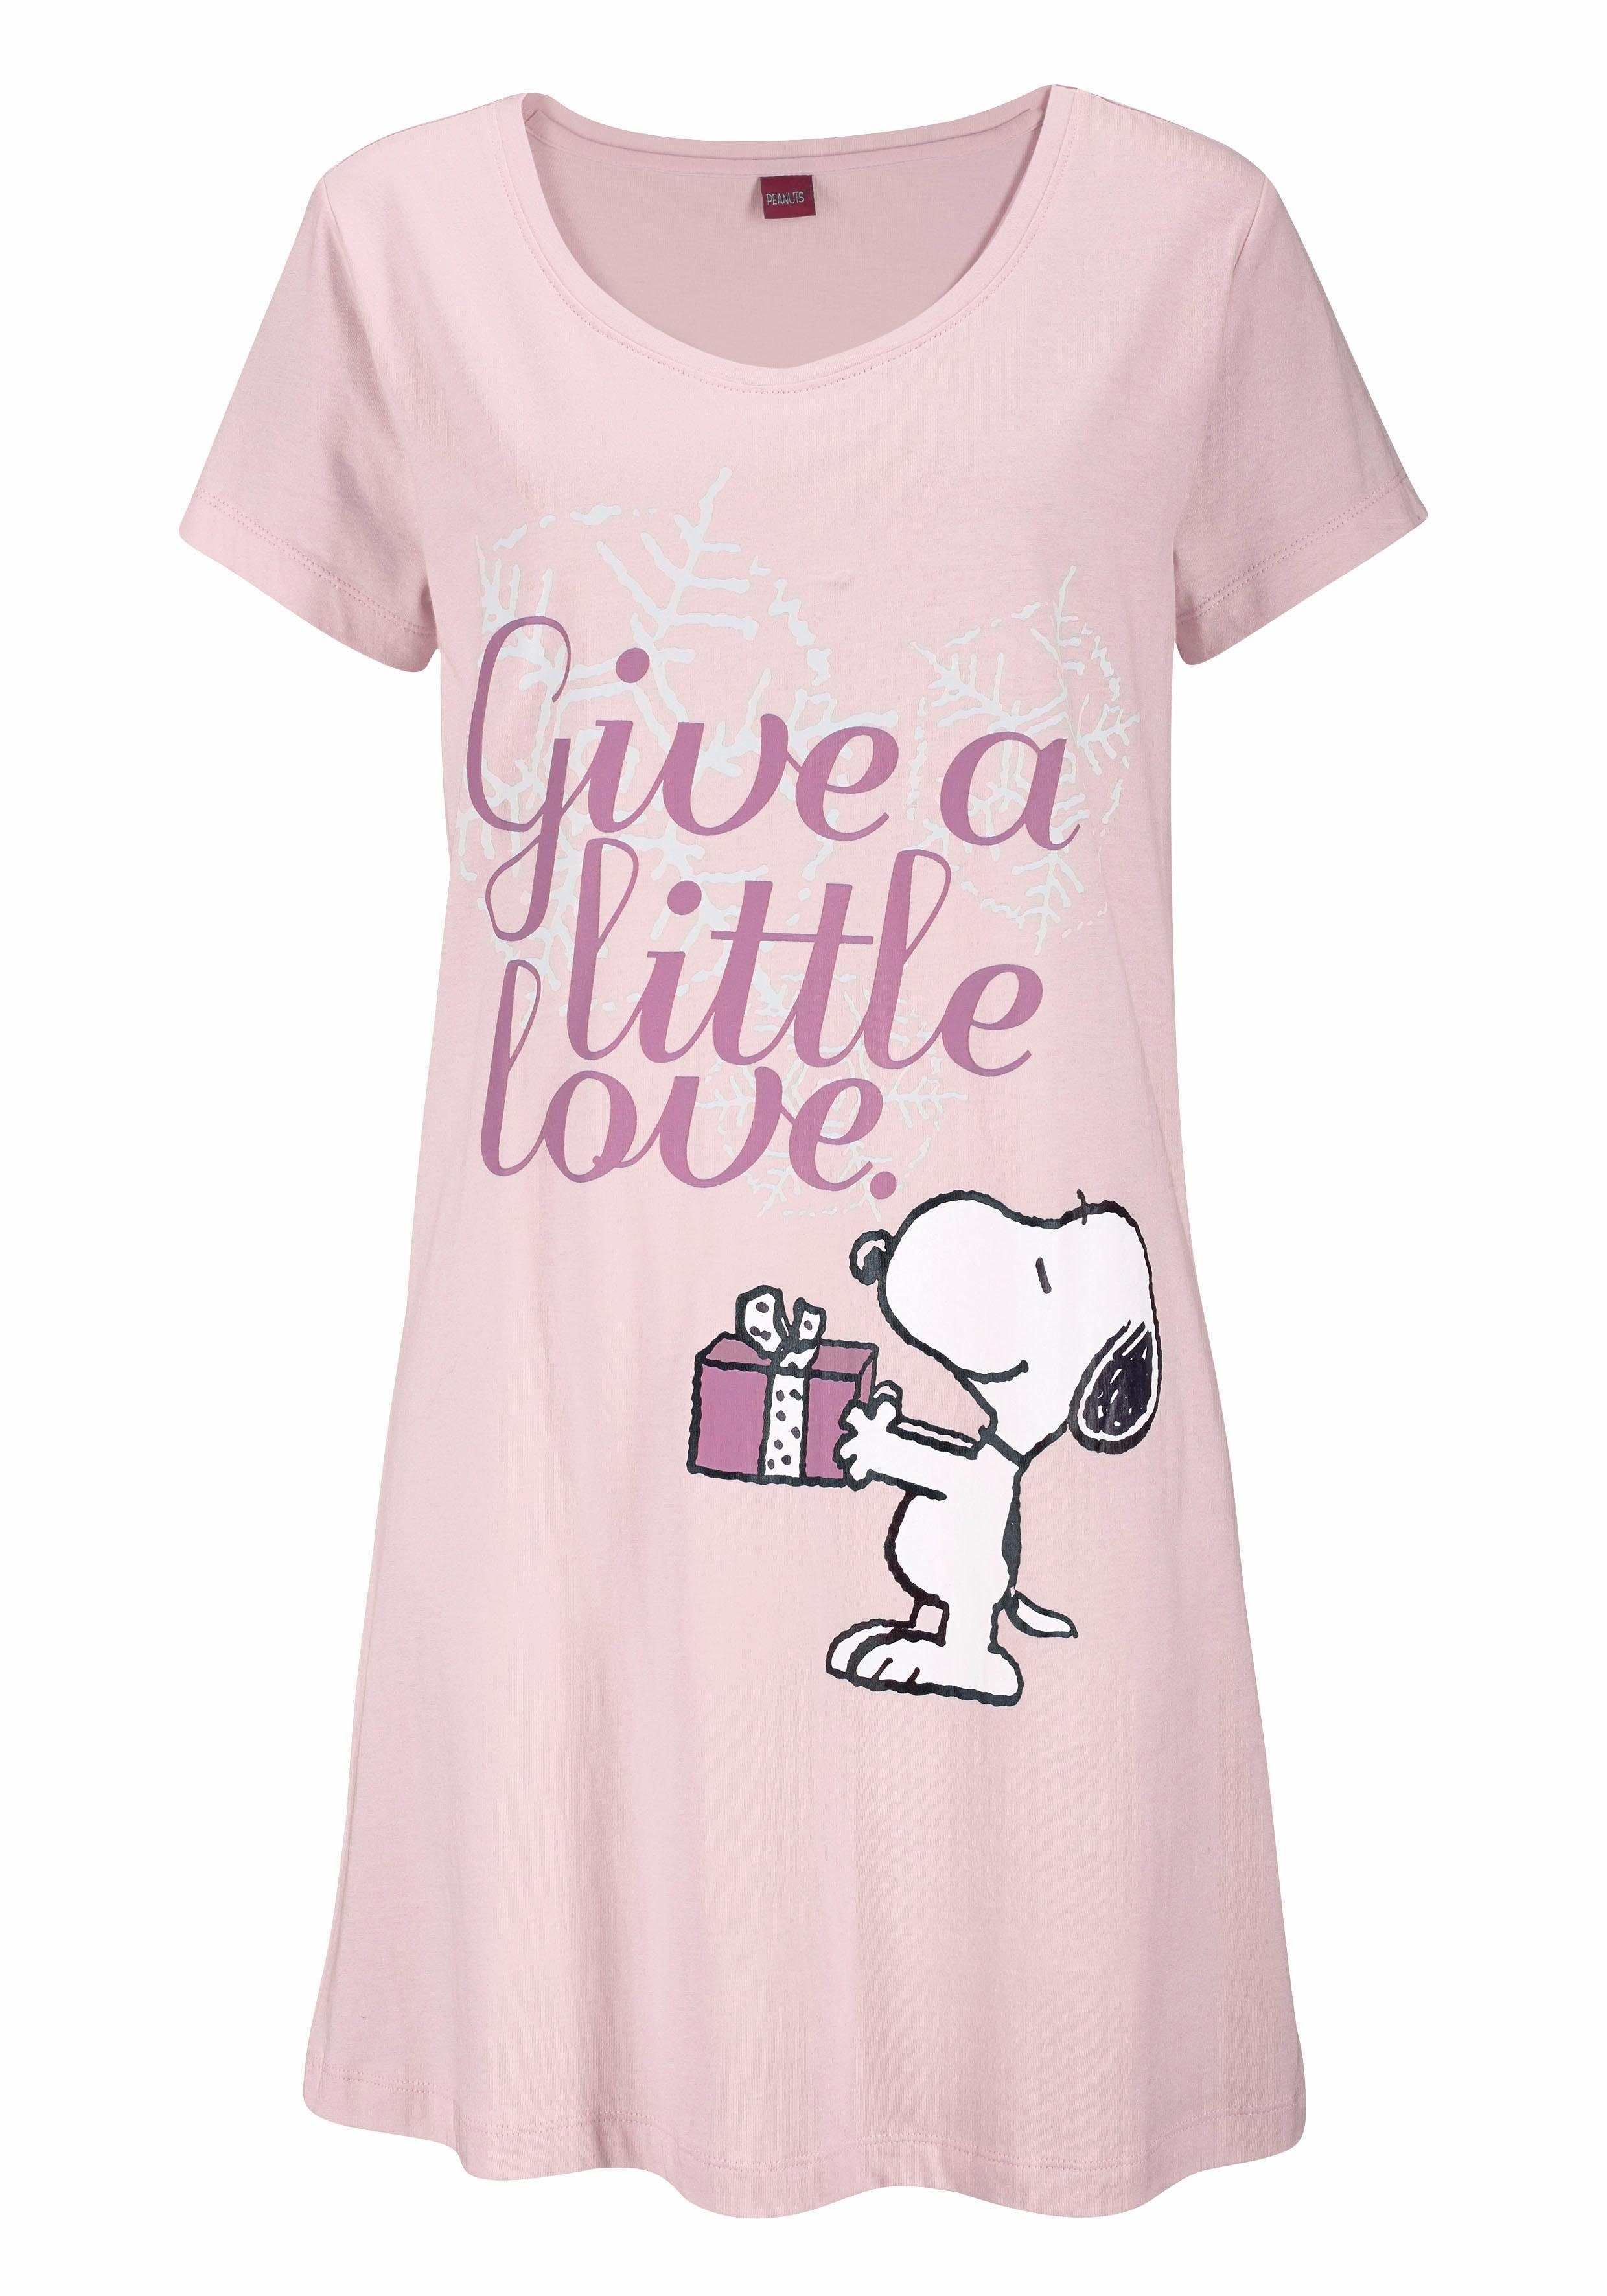 Big Vind In Met Mini Leuk Peanuts Lengte Snoopyprint BijOtto Shirt Je dorCBWxe